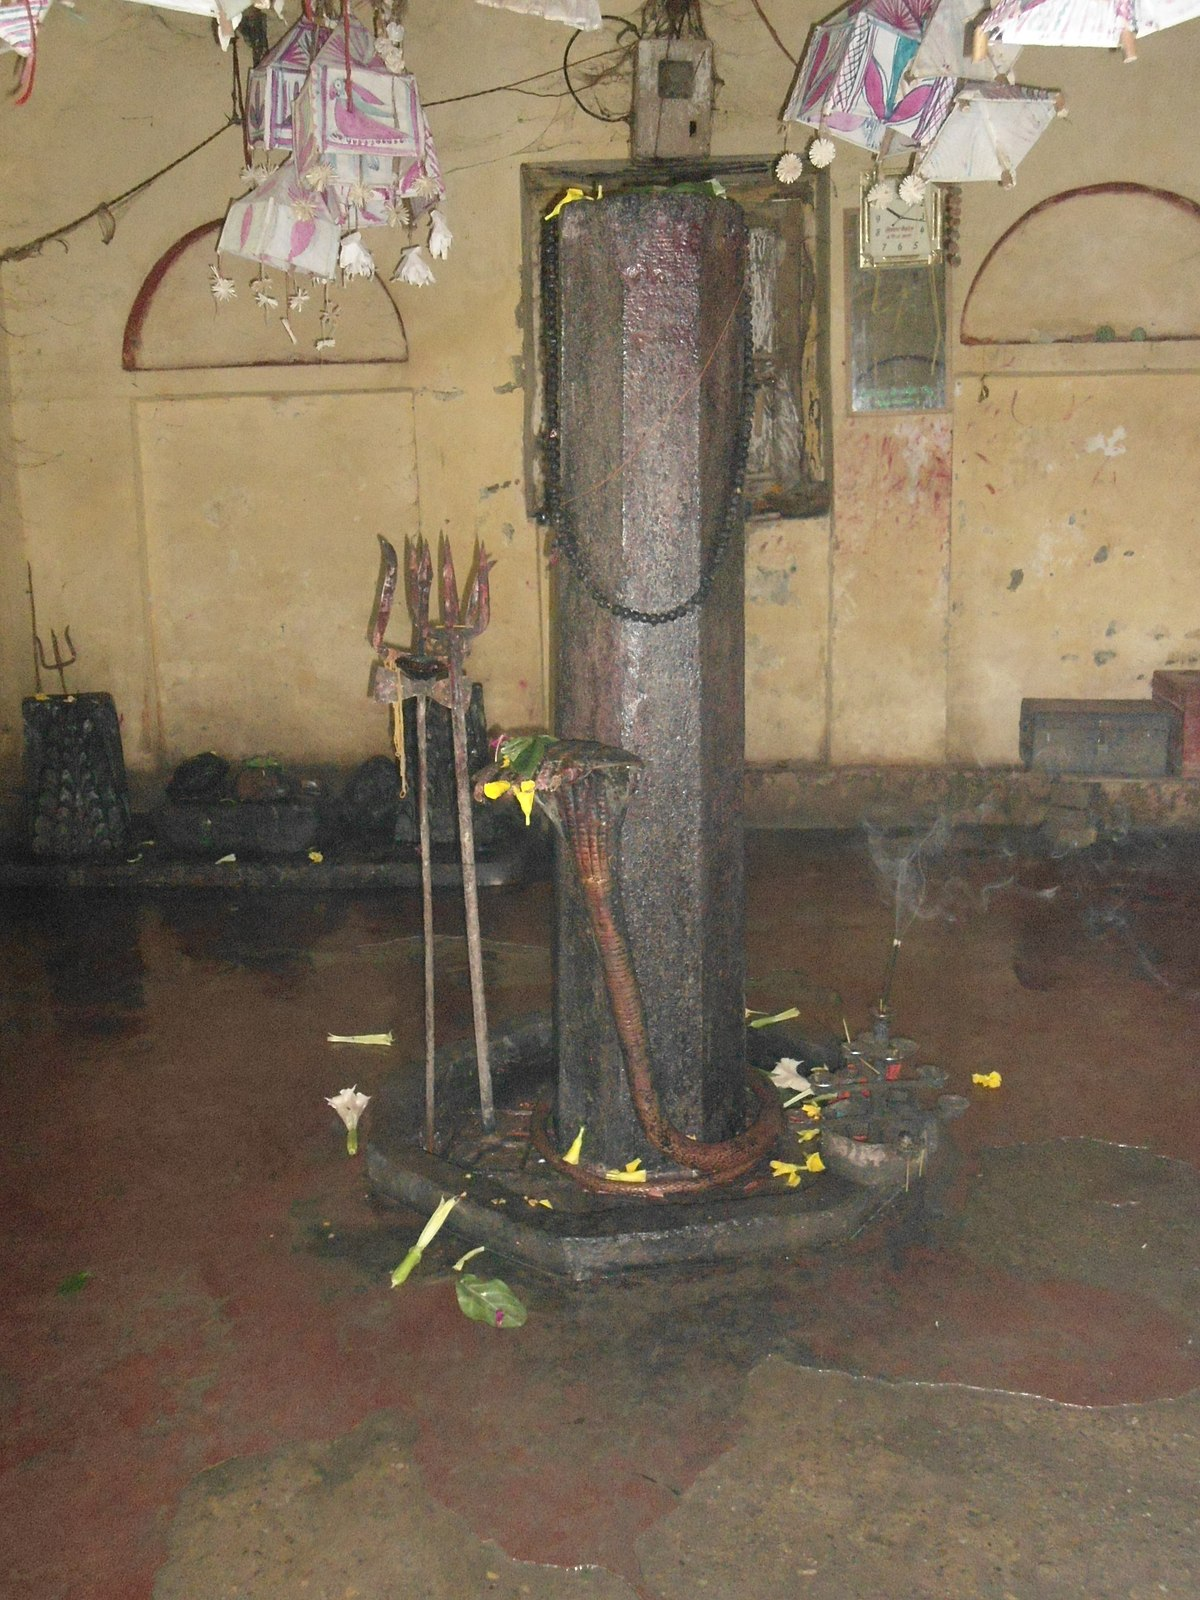 shambhunath temple